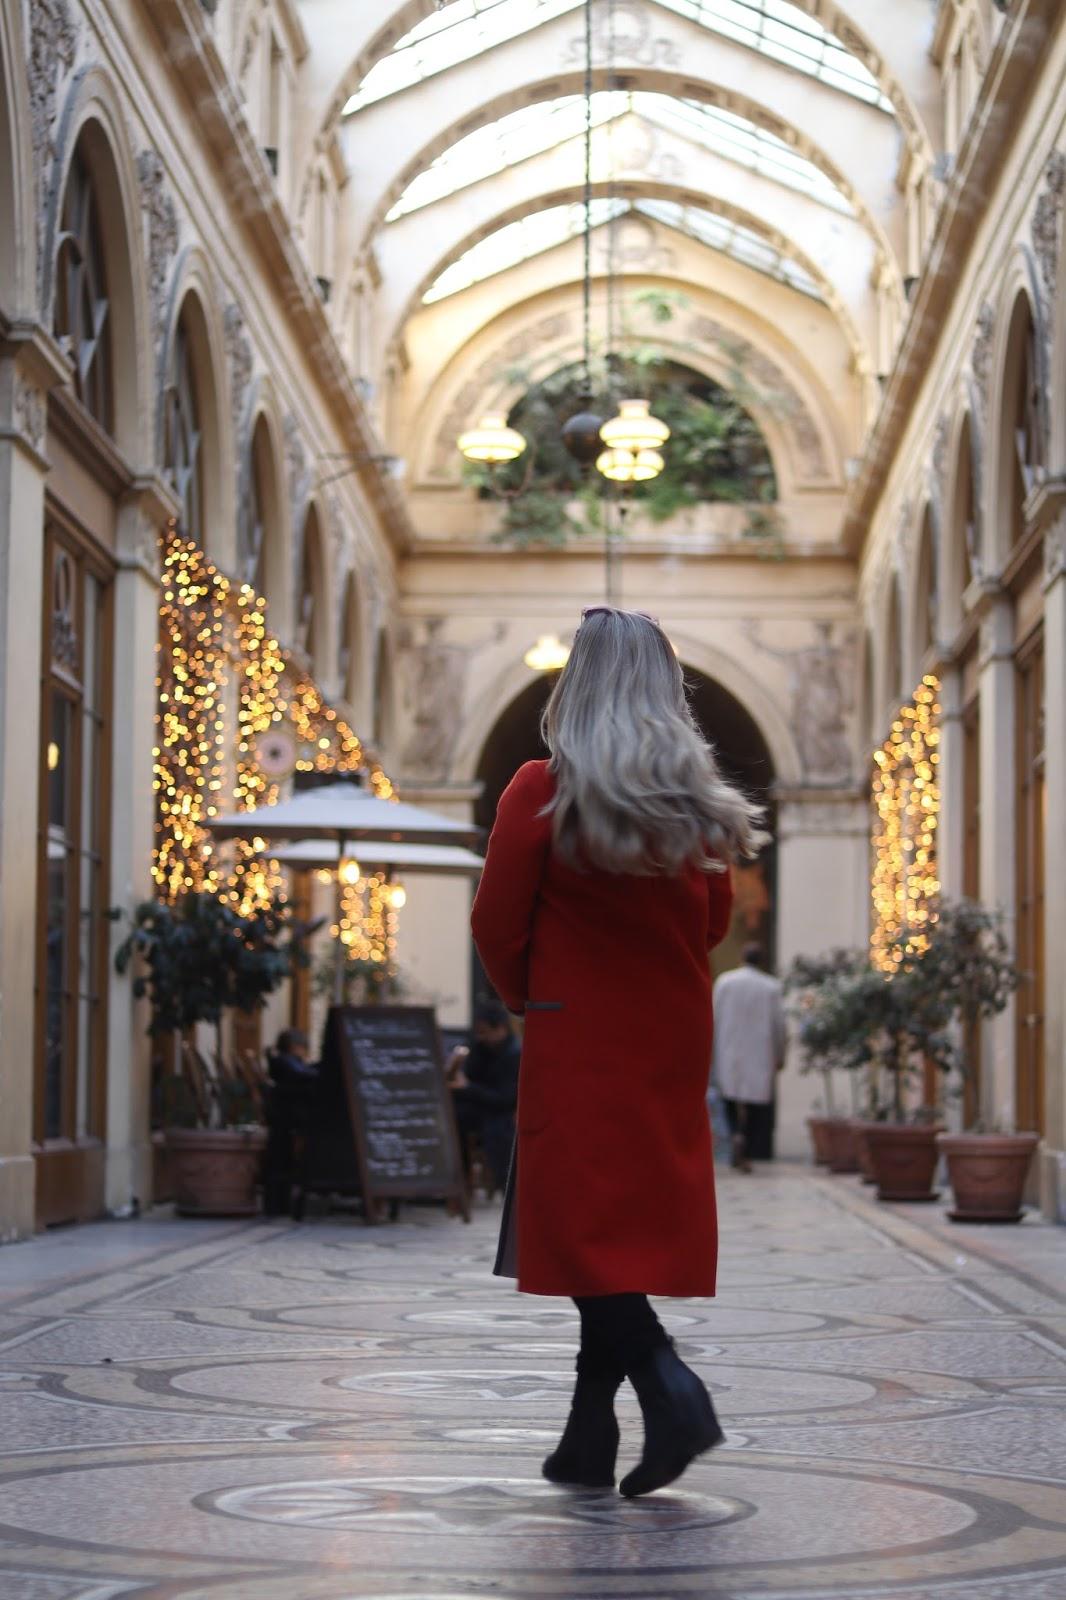 Galerie Vivienne, Paris, France, KALANCHOE